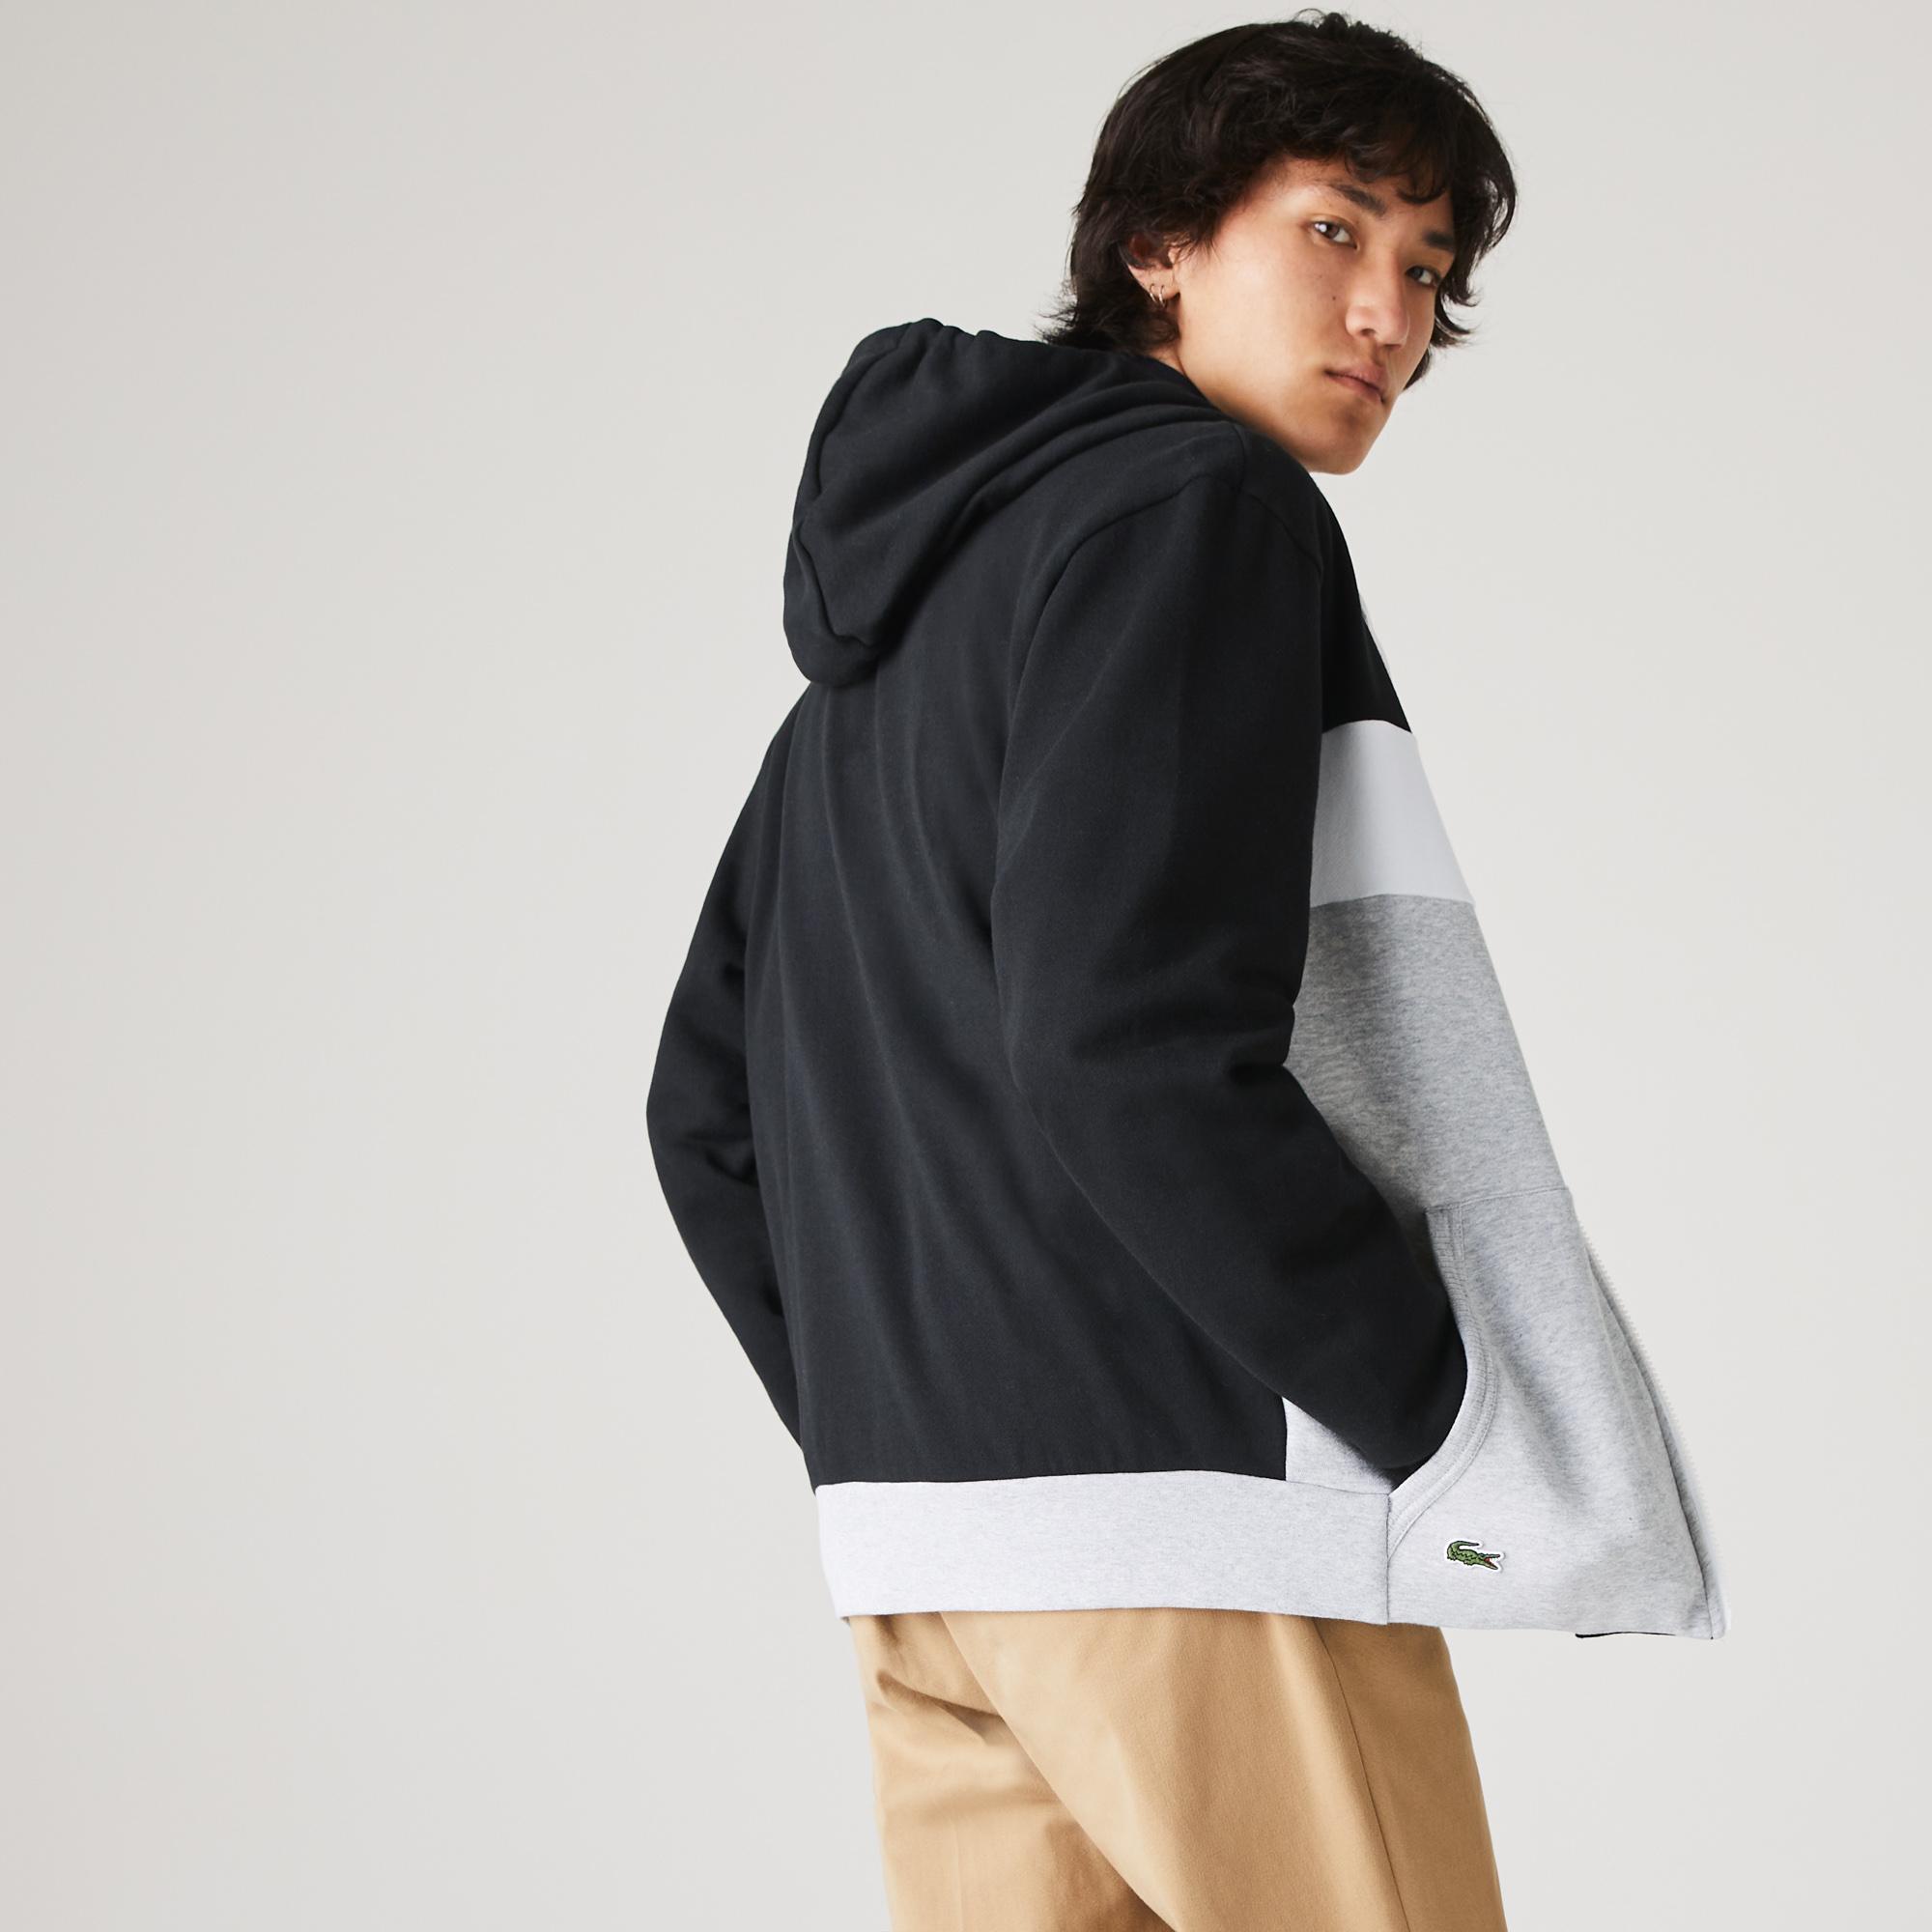 Lacoste Men's SPORT Colorblock Fleece Zip Sweatshirt